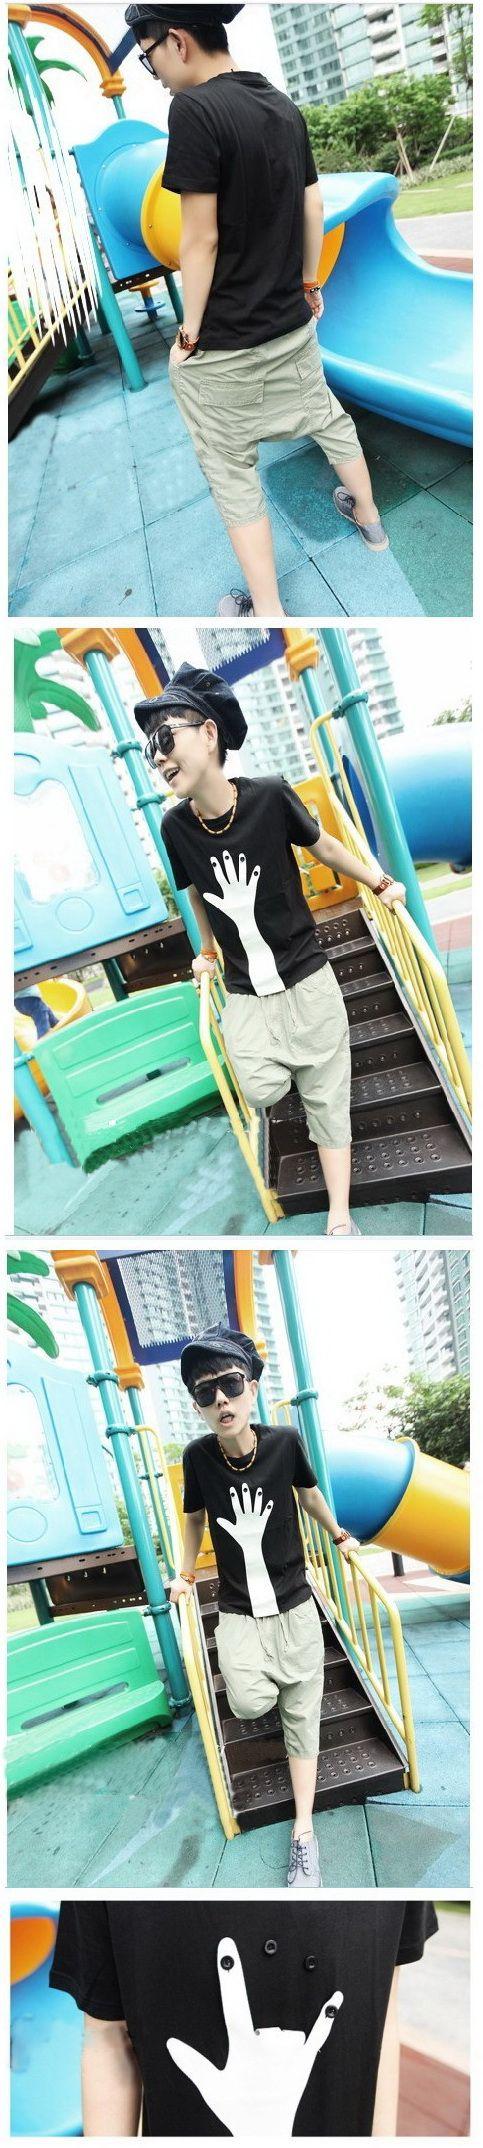 เสื้อผ้าผู้ชาย : เสื้อยืด fake finger